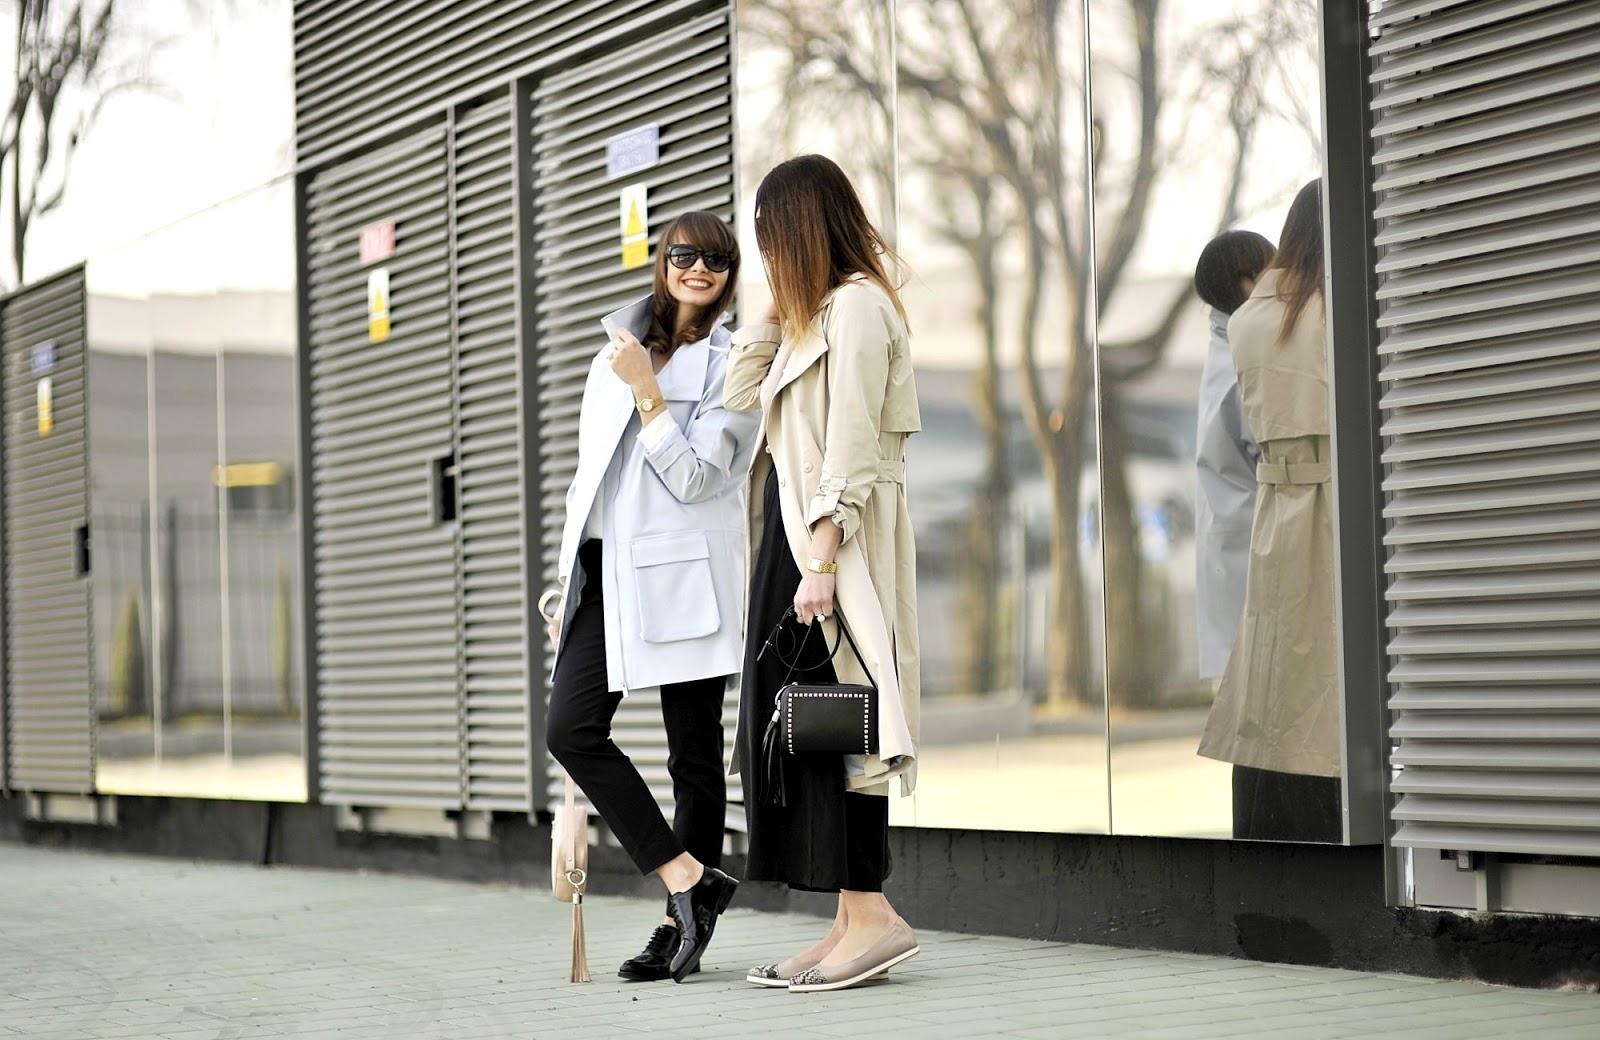 kurtka pastelowa | buty oxfordy | blogi o modzie | blogerka modowa | shinysyl | cammy |